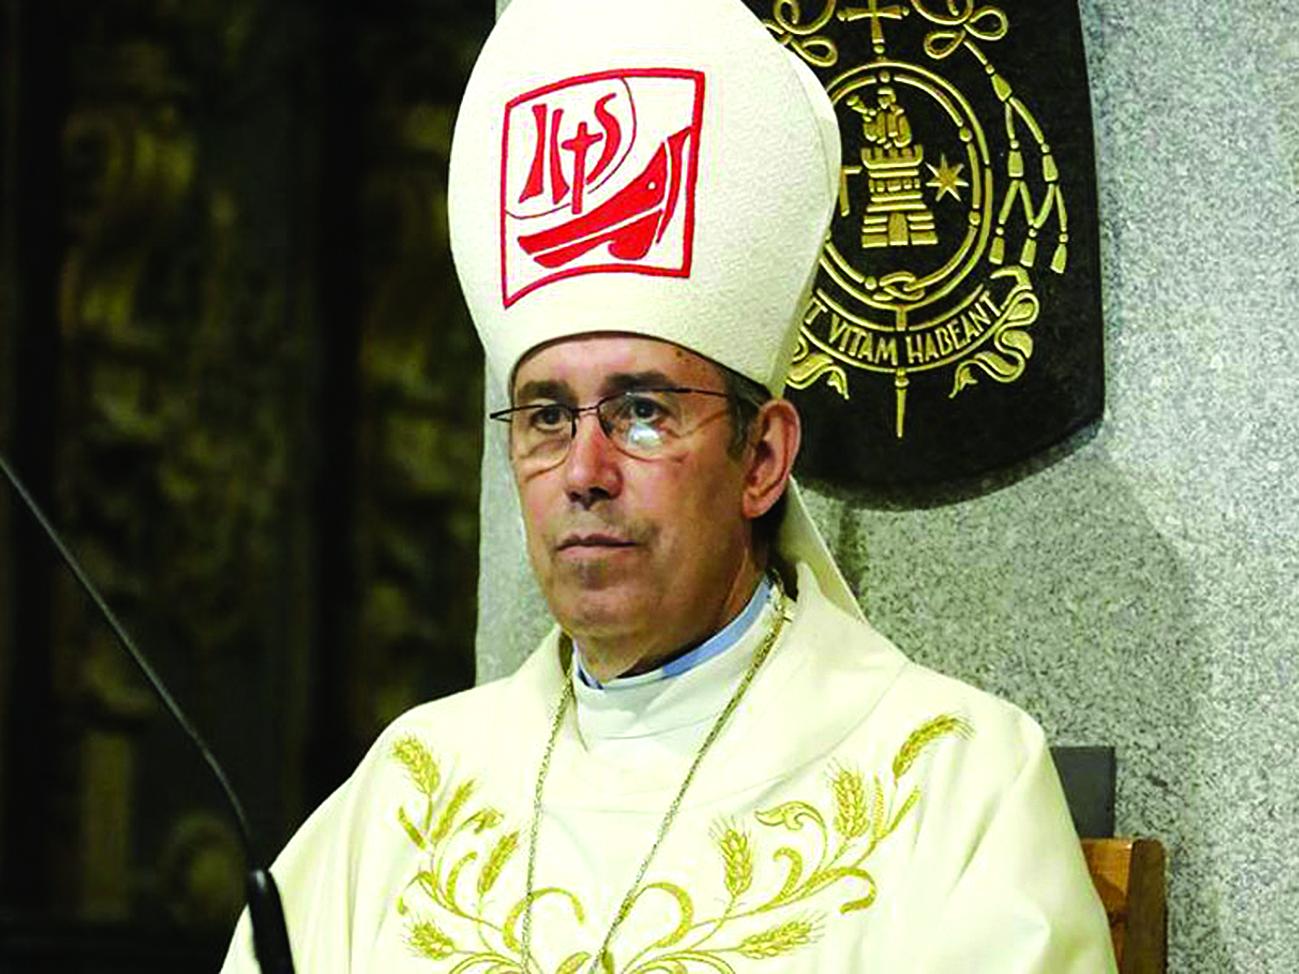 A Igreja de Viseu… espera o seu novo Bispo